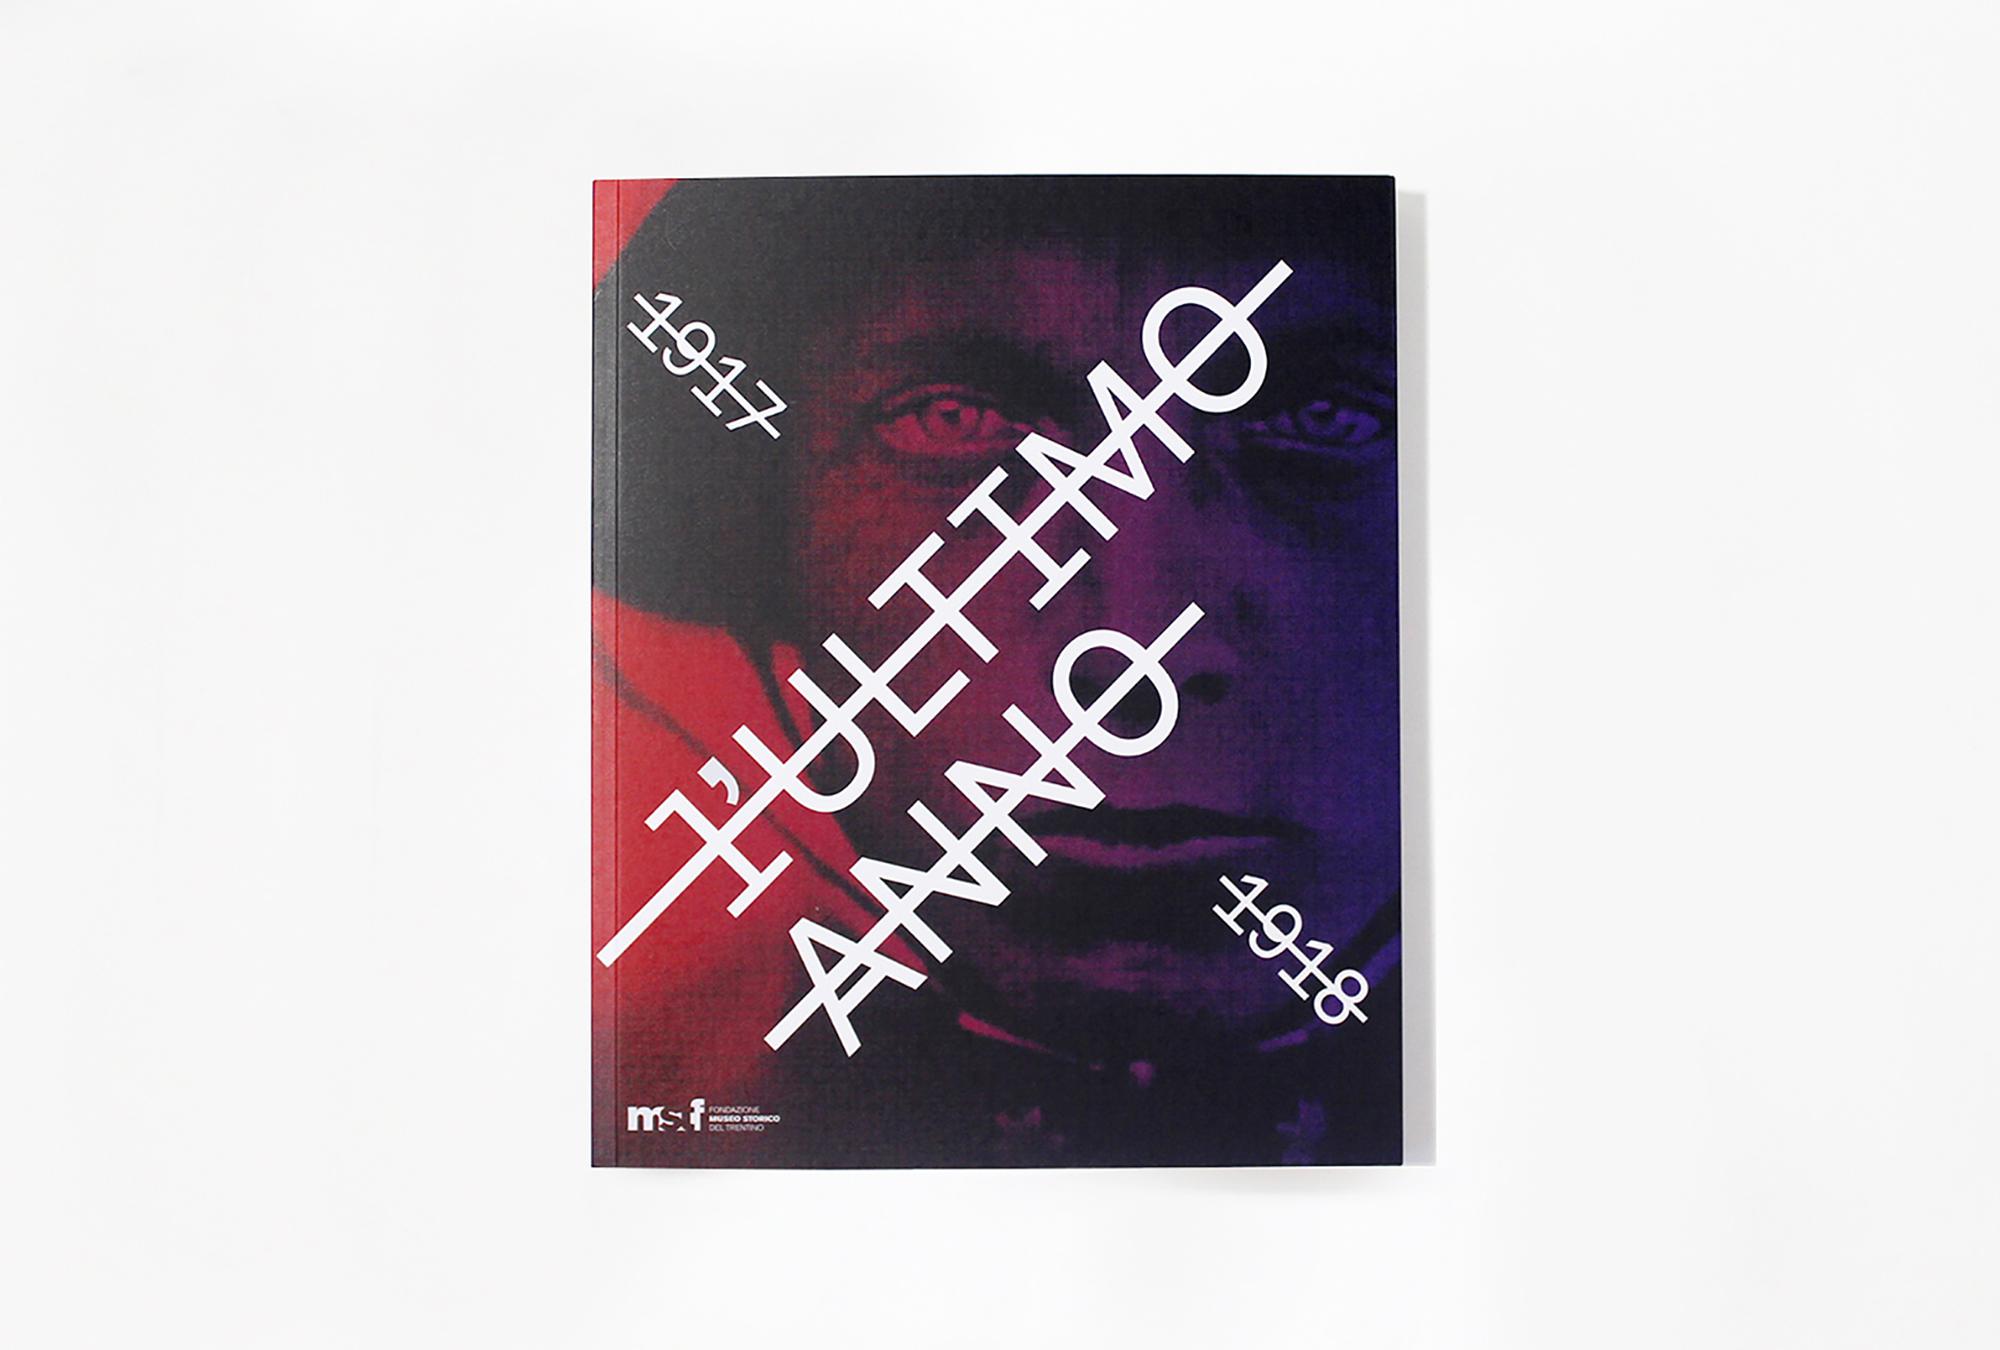 2018_L'ultimo anno_Libro copertina